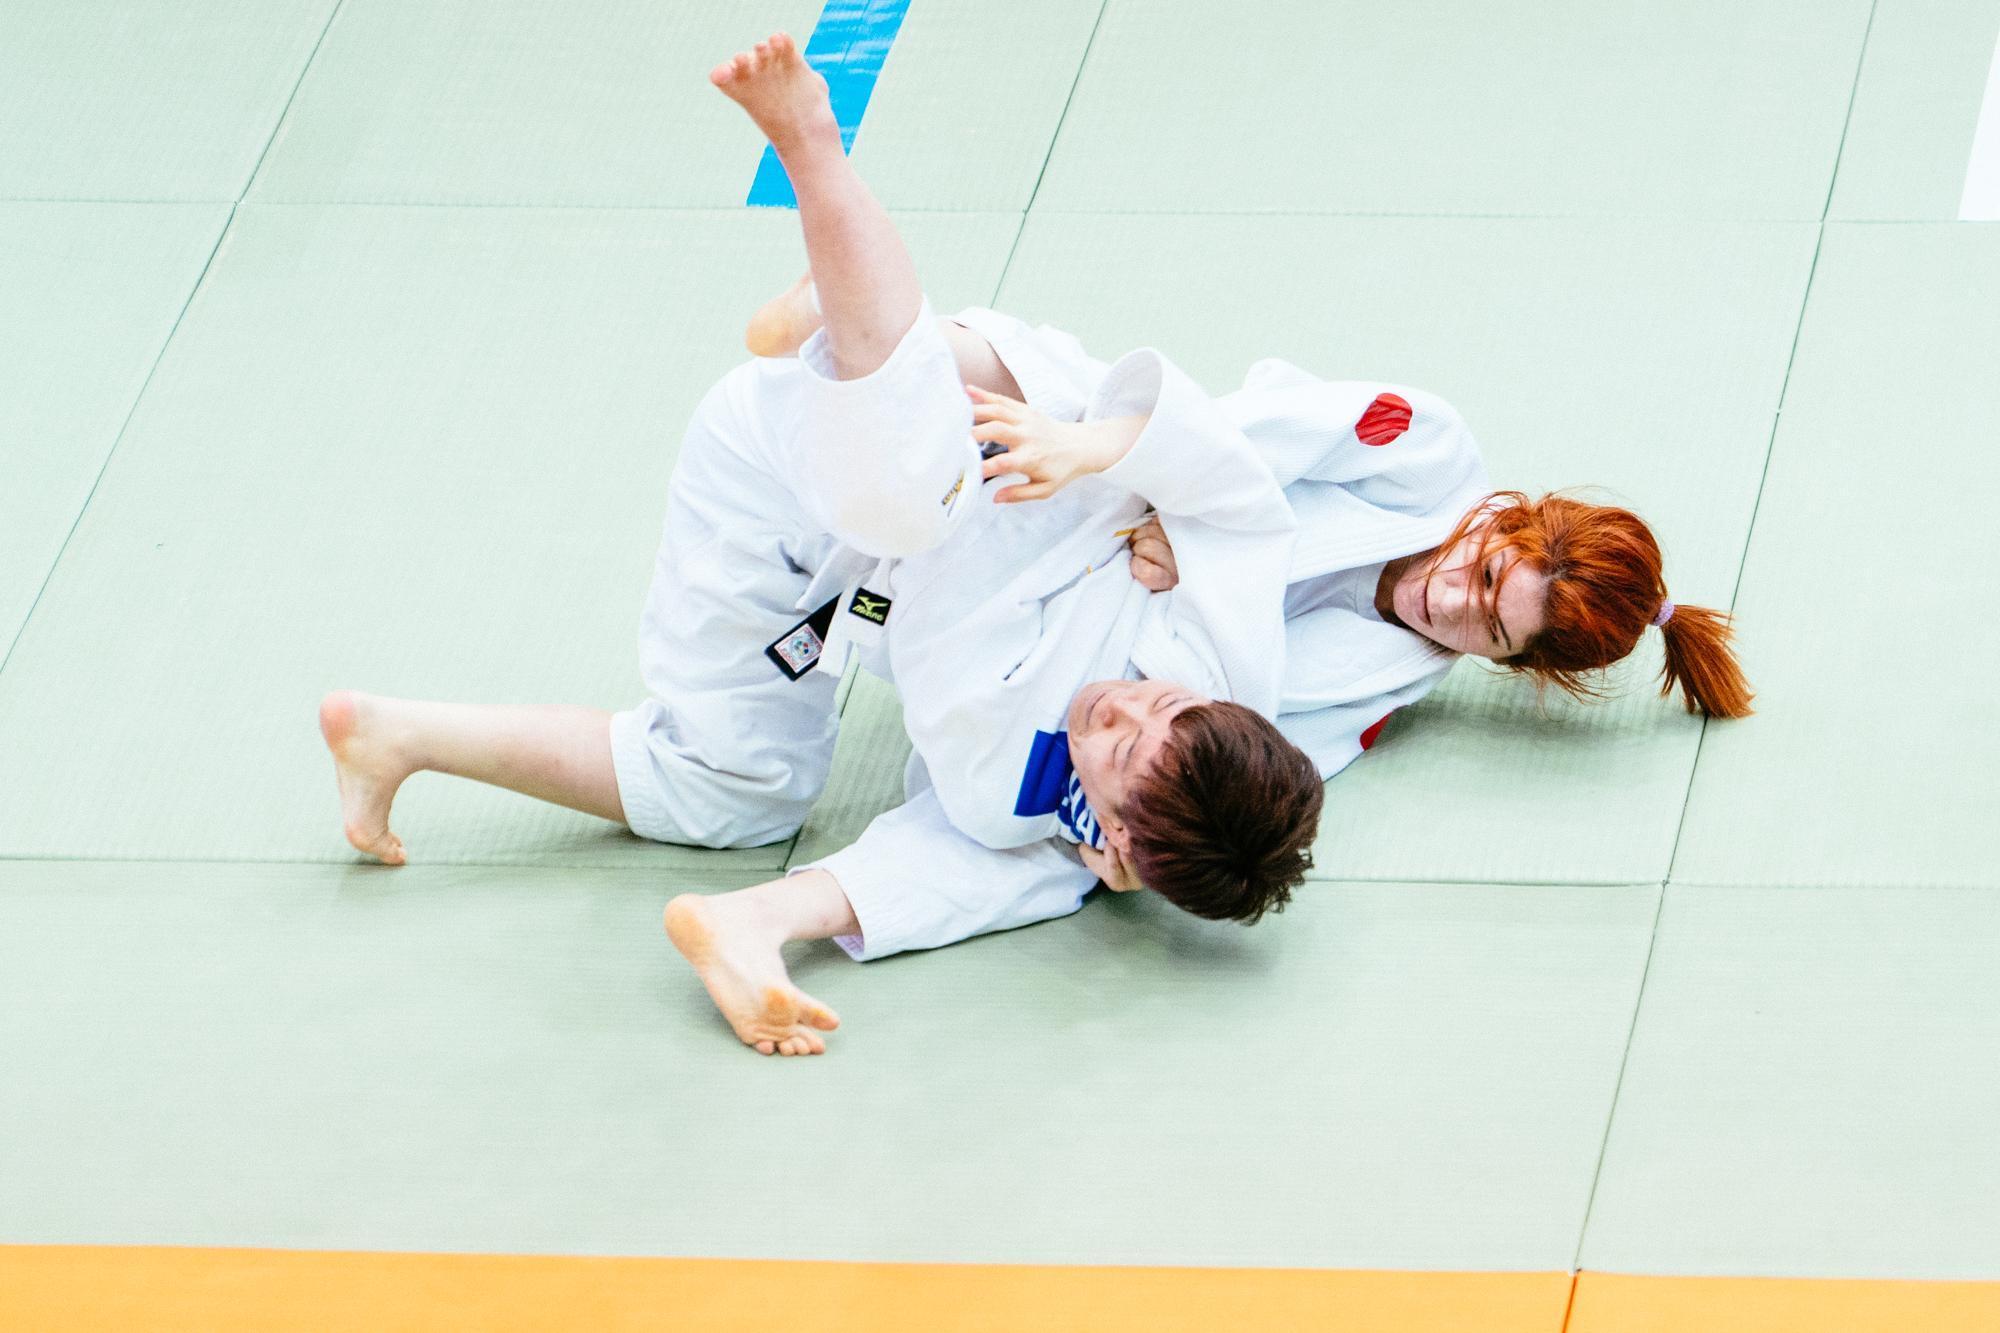 4分間に全てを懸ける!「東京国際視覚障害者柔道選手権大会2019」での熱い戦い